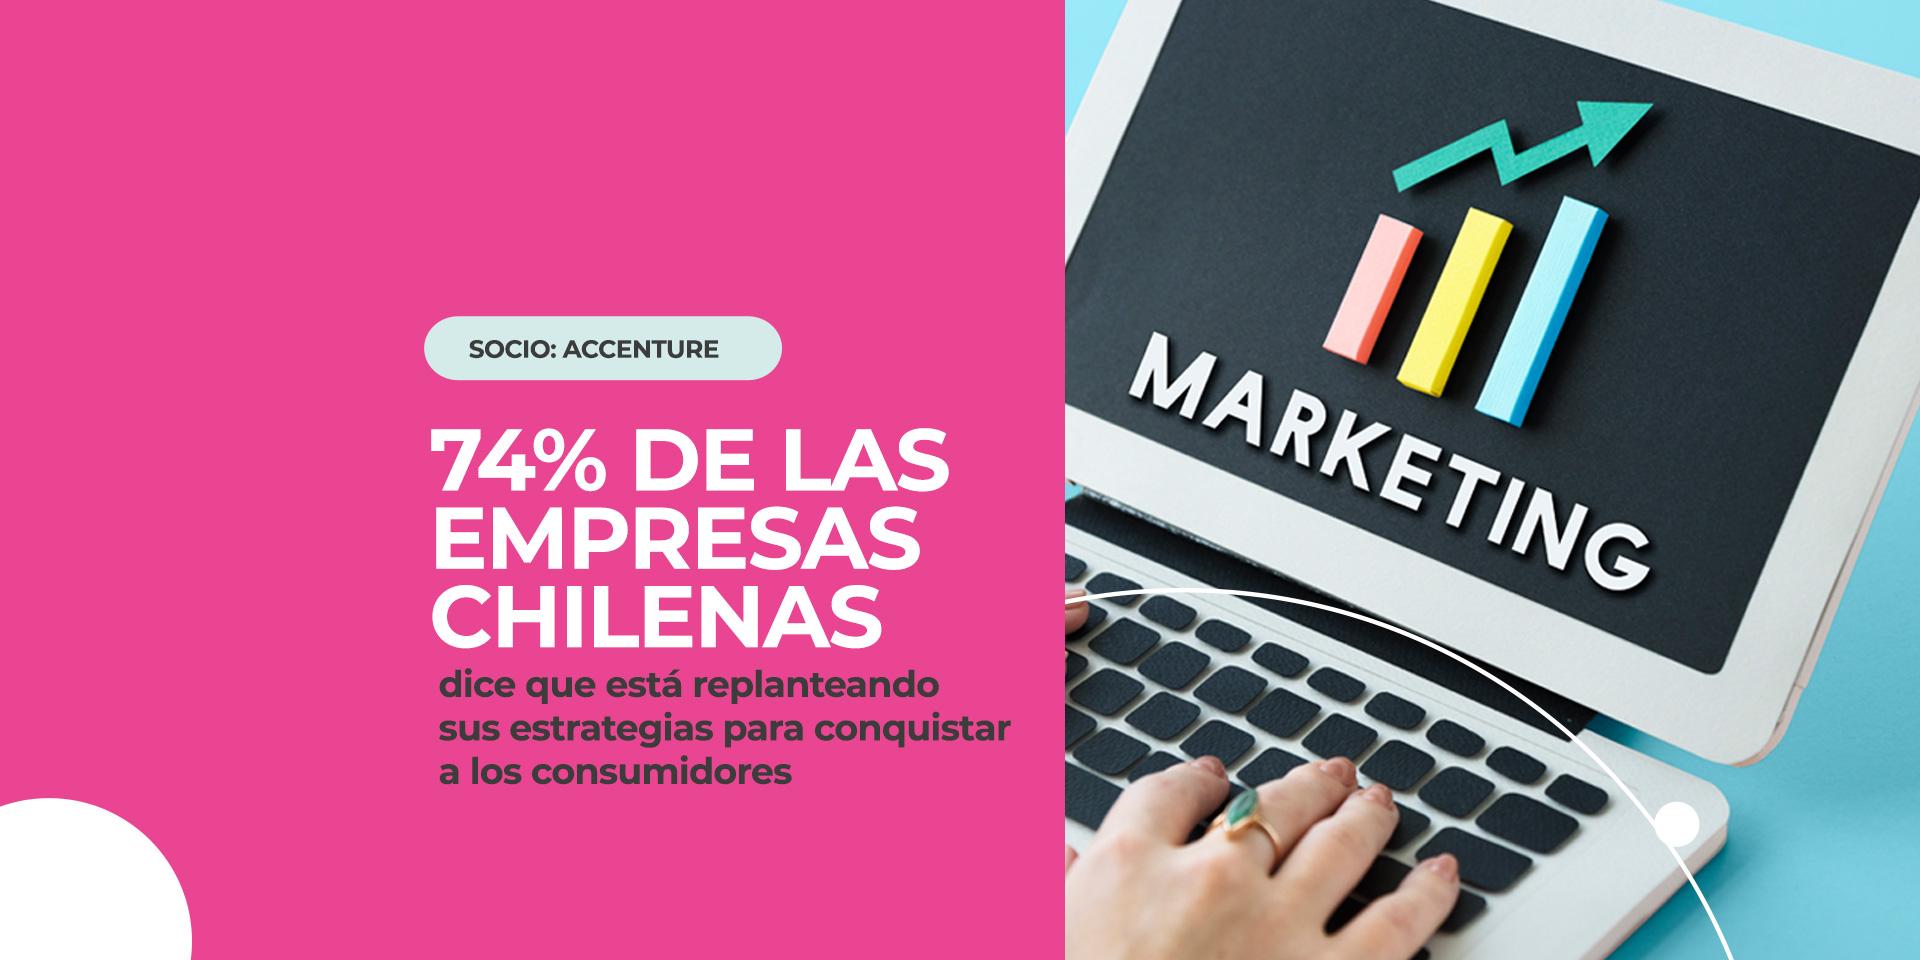 Accenture_estudio MagazineAMDD 53